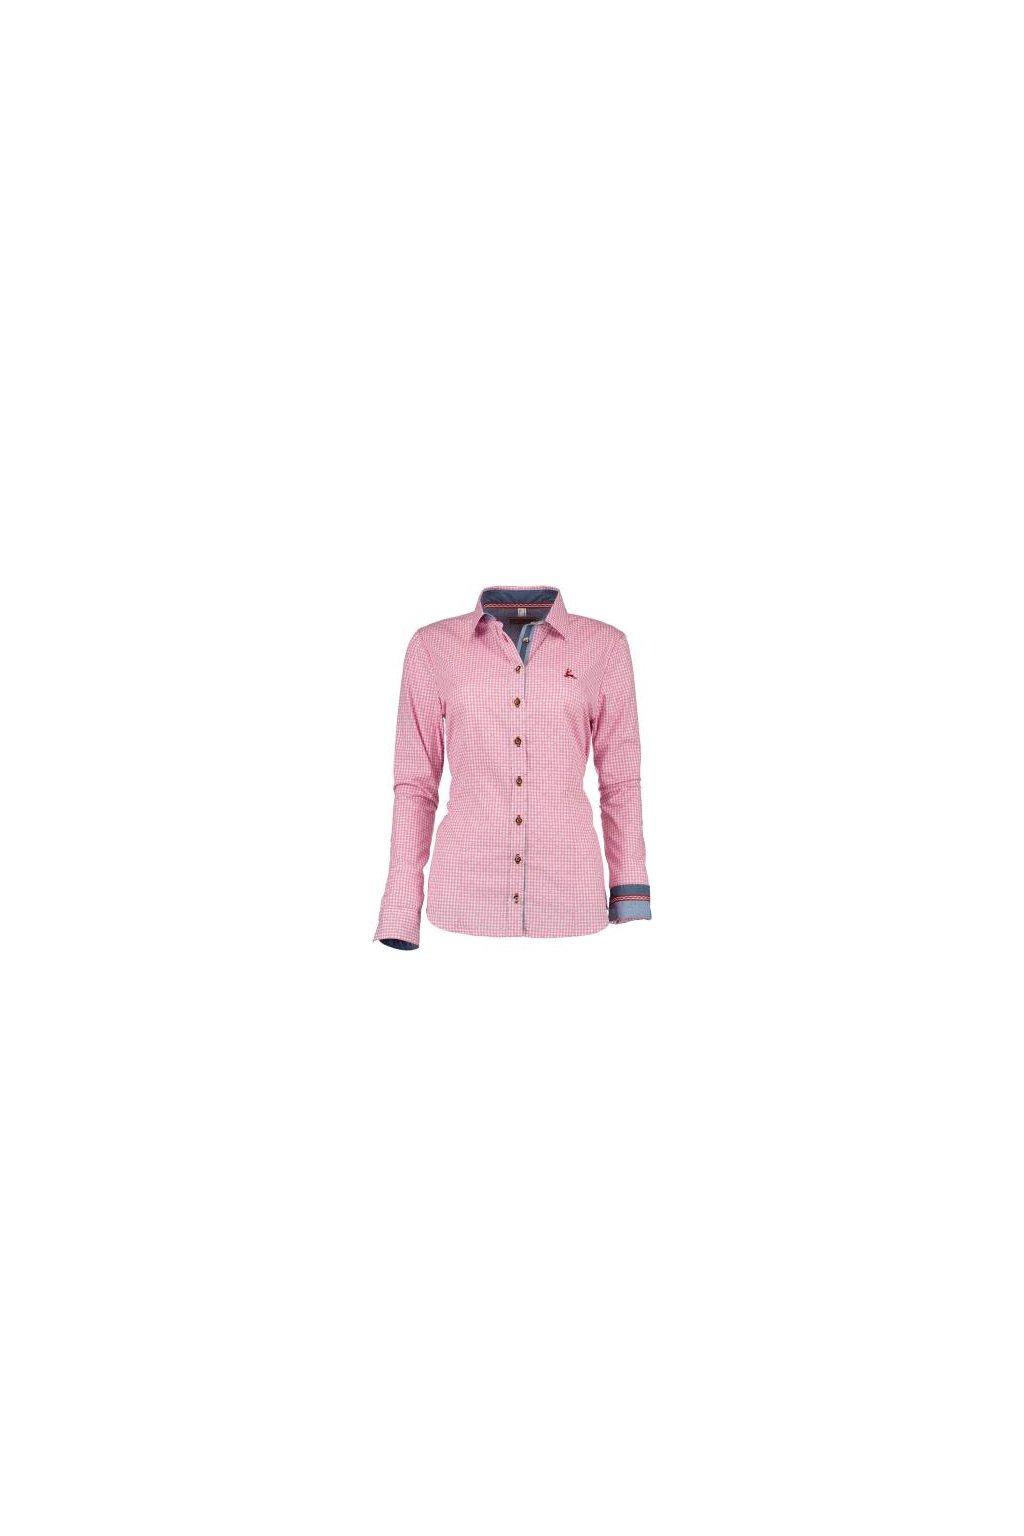 Košile dámská - růžová 3401